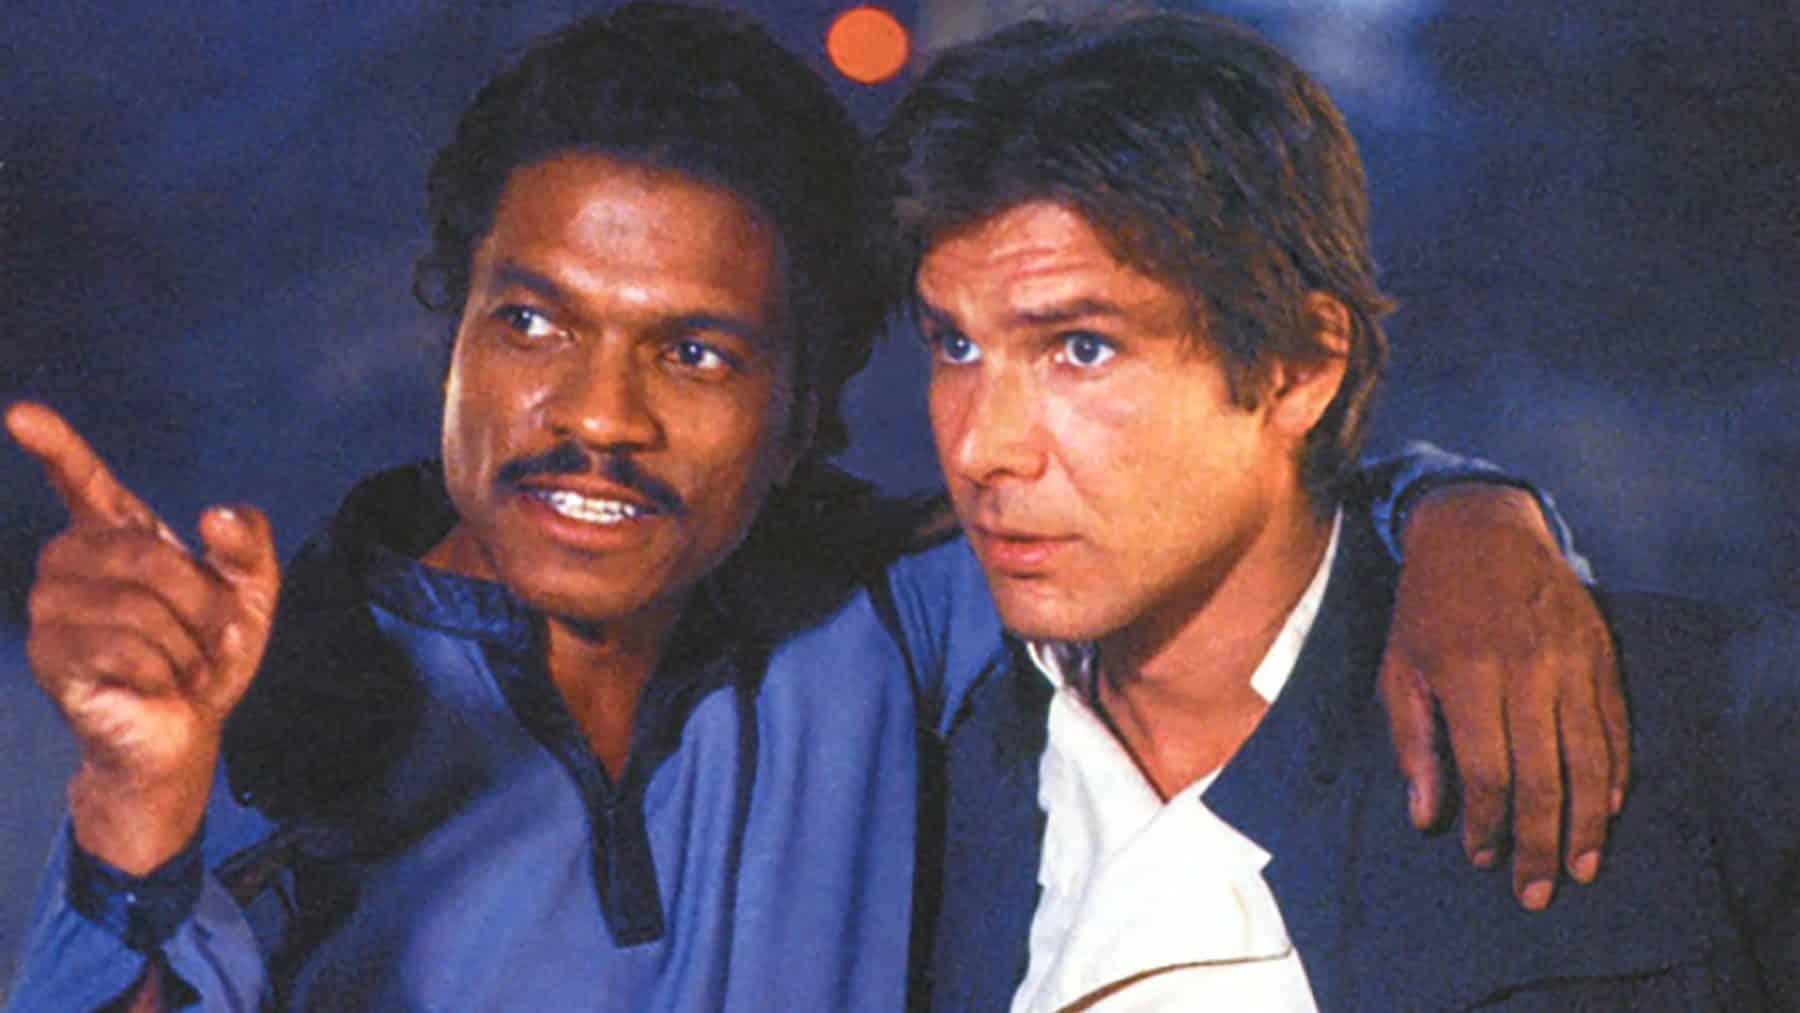 Billy Dee Williams retomará rol como Lando Calrissian en Star Wars: Episode IX de Lucasfilm